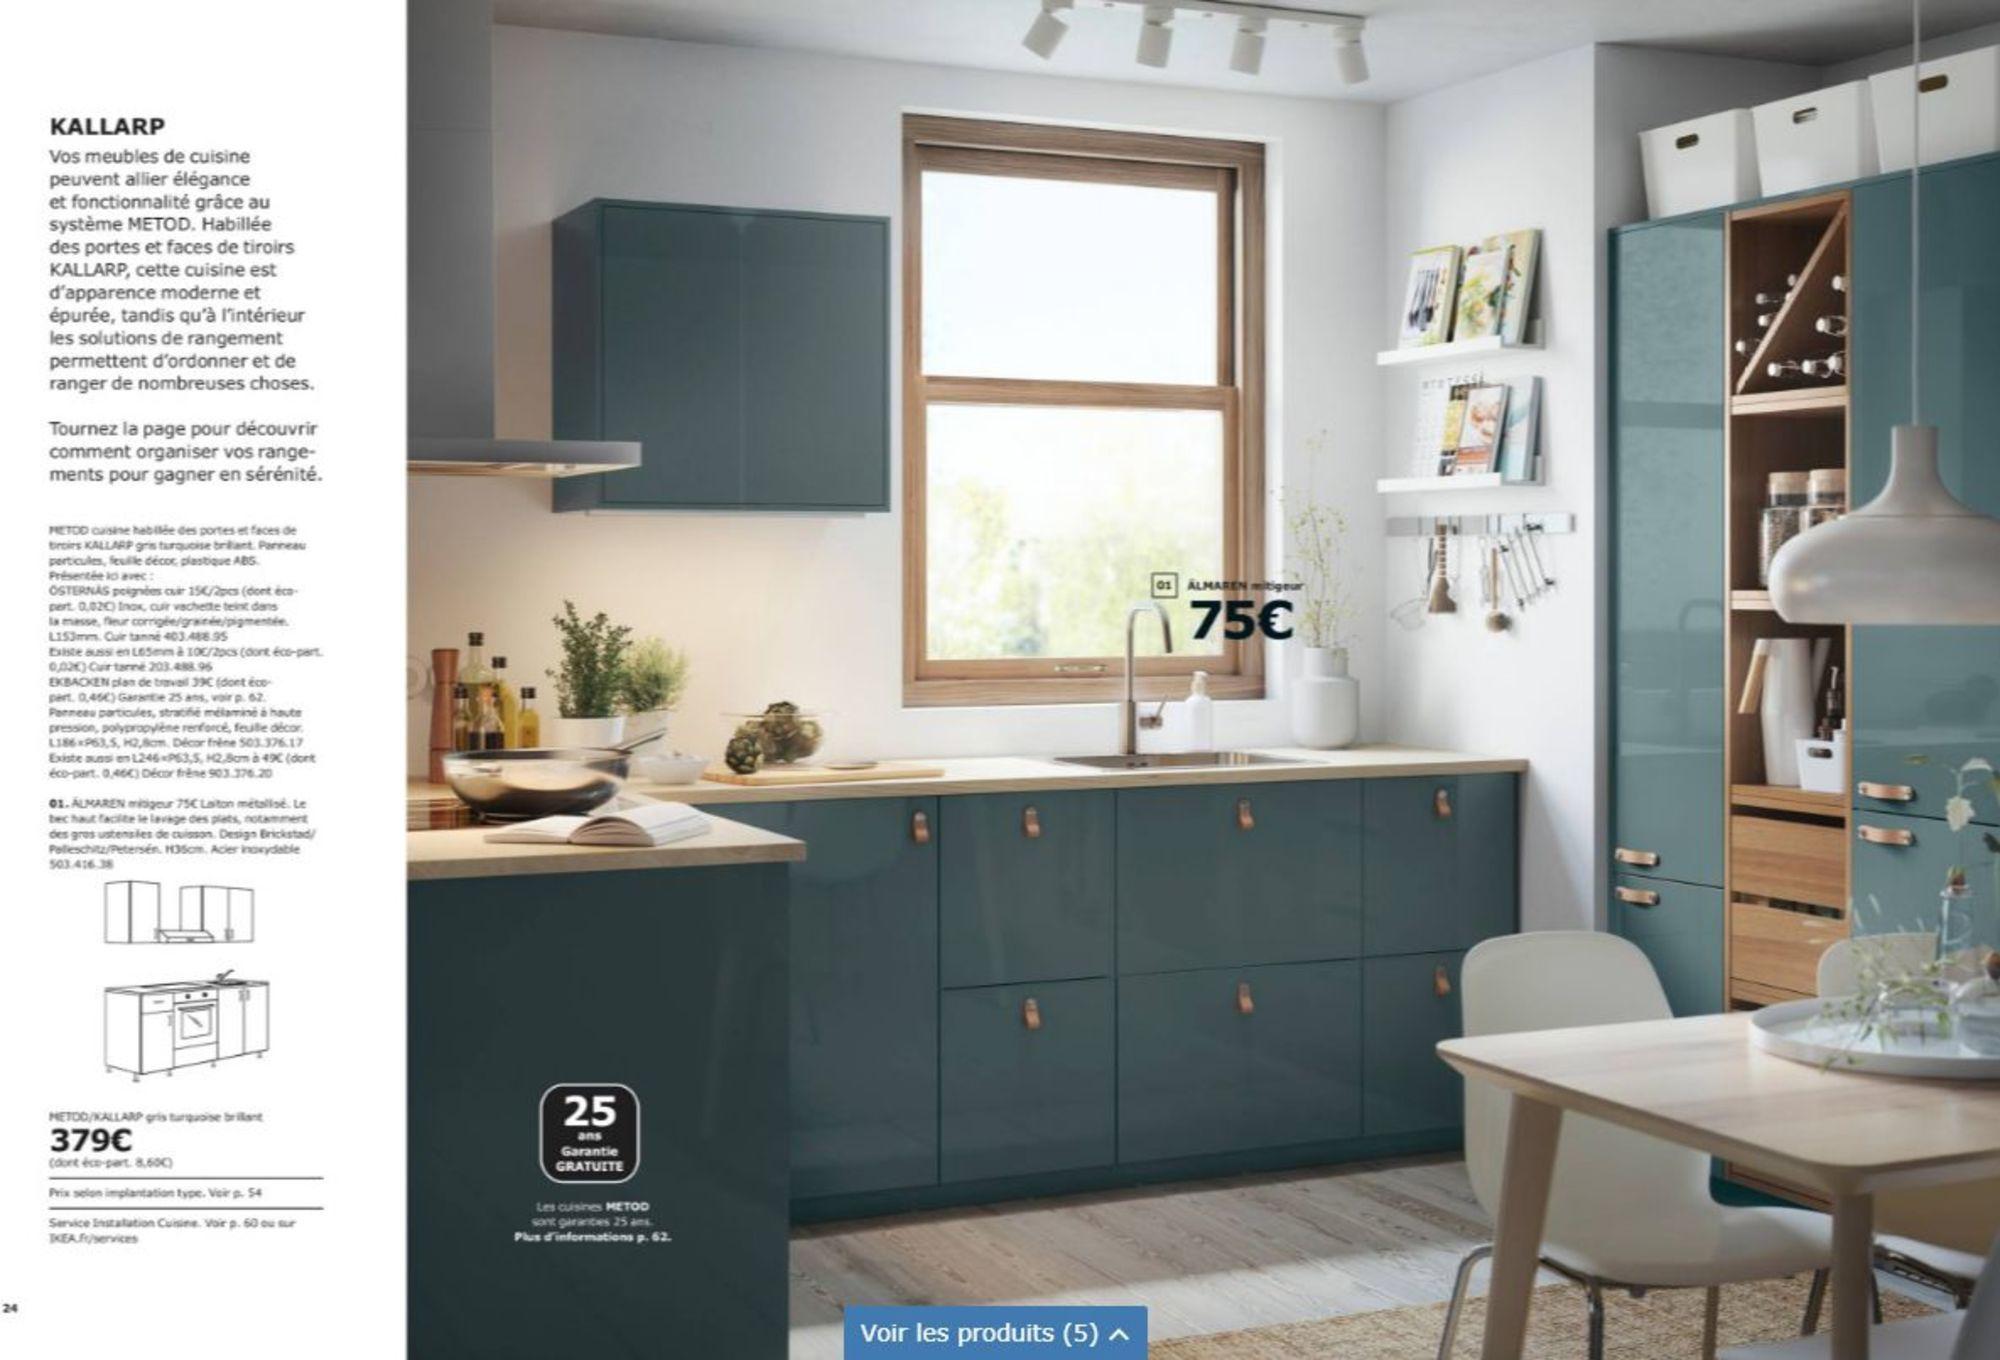 Resultat De Recherche D Images Pour Ikea Cuisine Porte Kallarp Gris Turquoise Cuisine Ikea Grise Ikea Cuisine Ikea